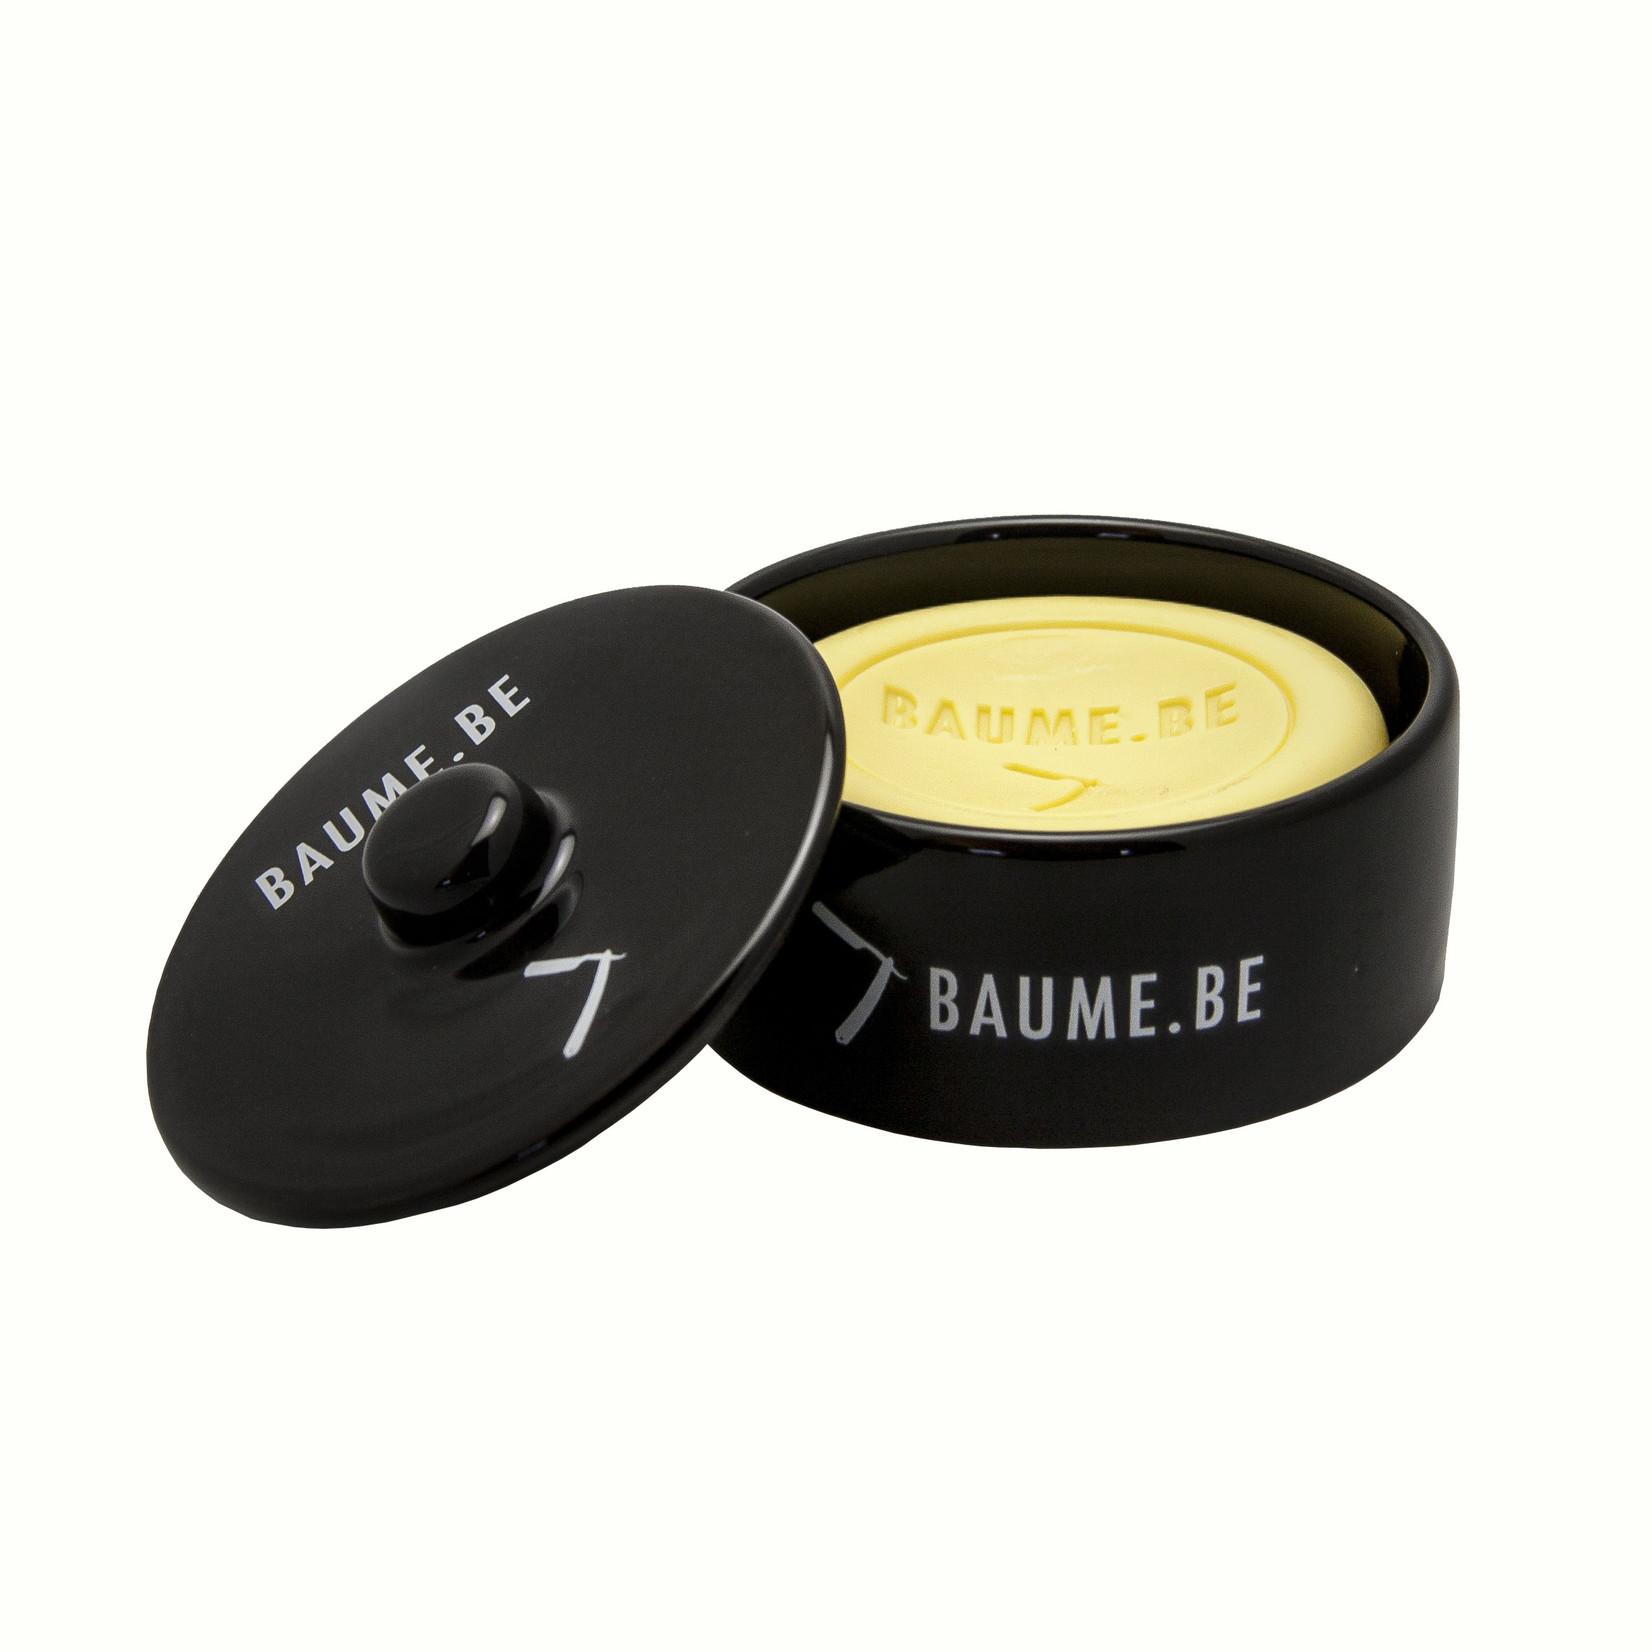 BAUME.BE BAUME.BE · SCHEERZEEP met CERAMIC POT